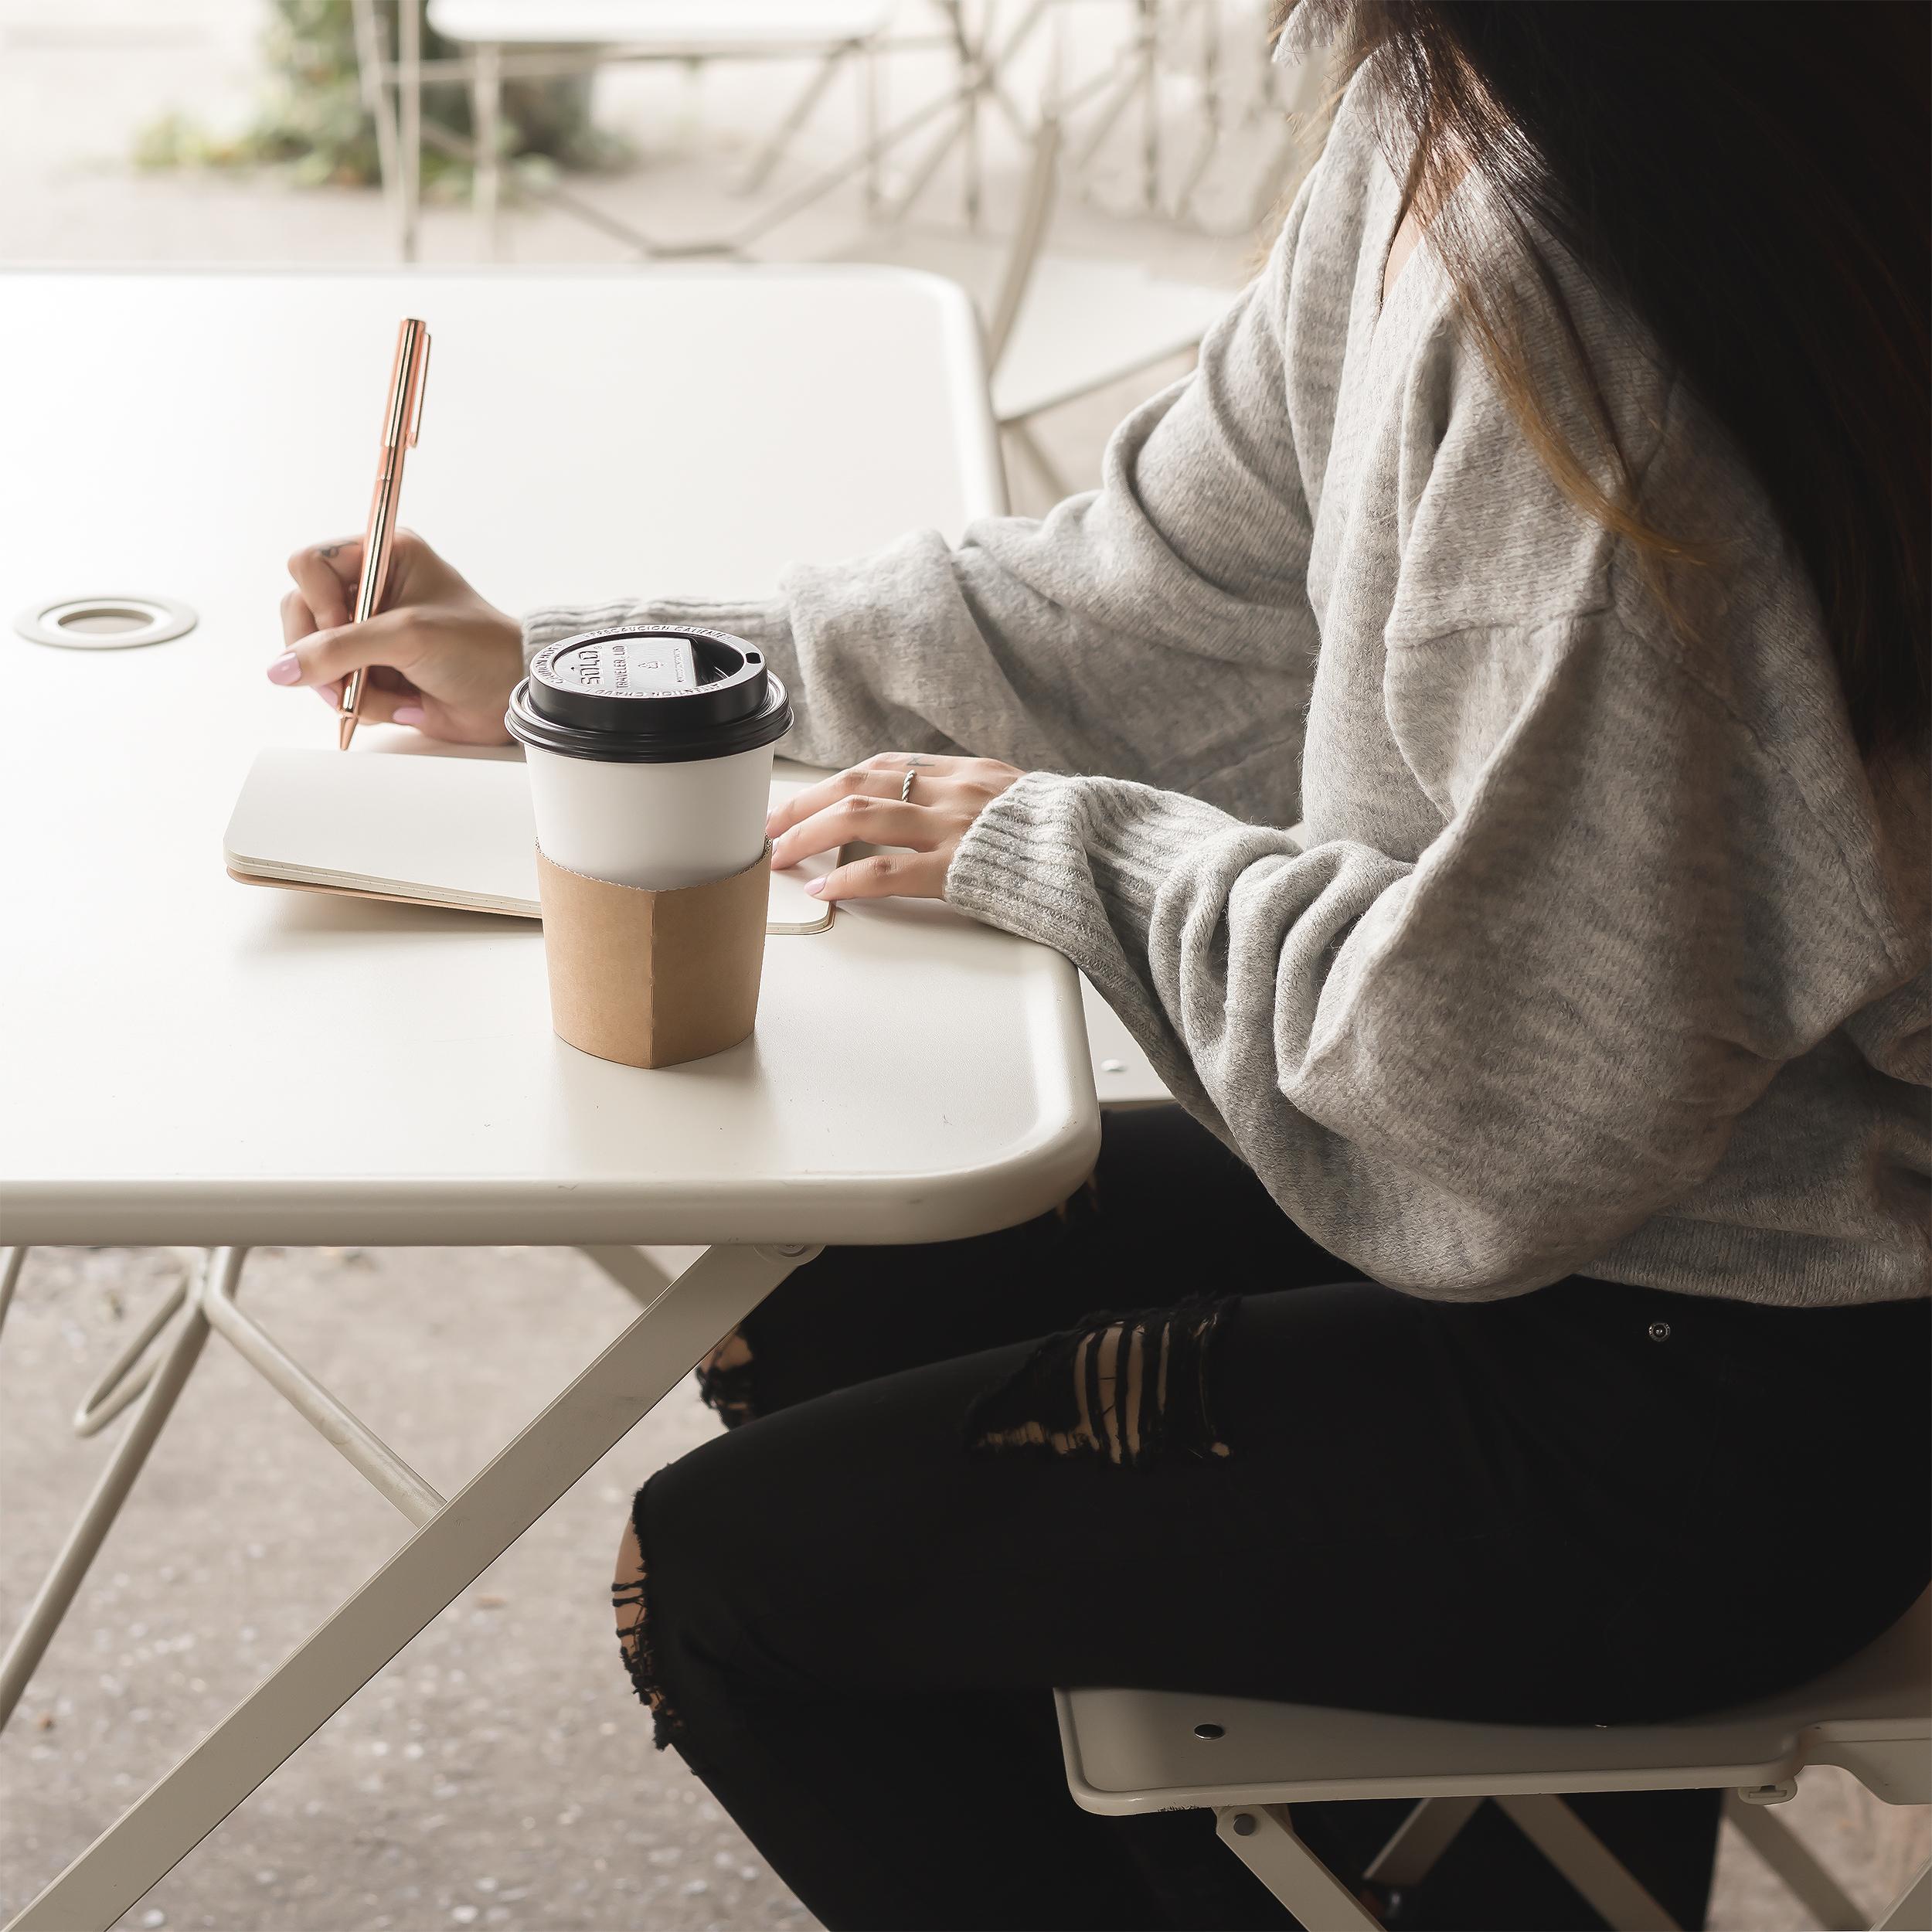 SSS-Caffeinated-Entrepreneur-15.jpg